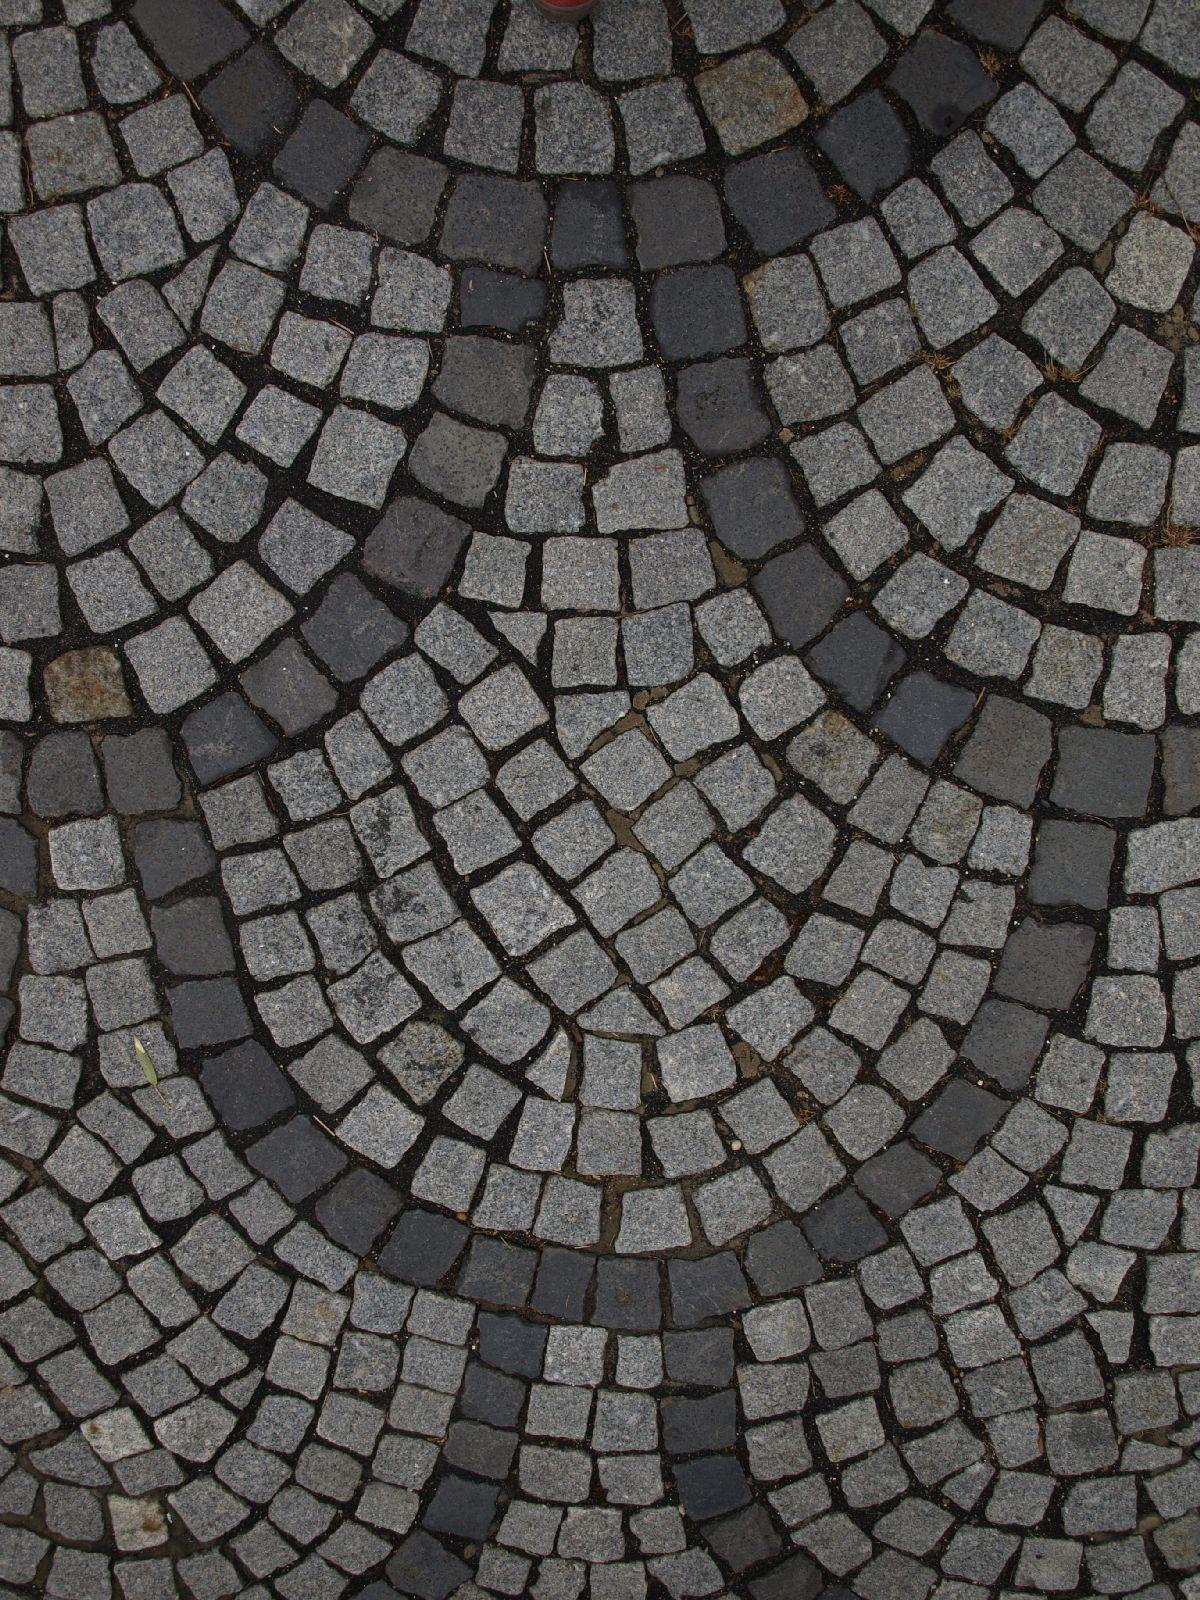 Ground-Urban_Texture_A_P2080536